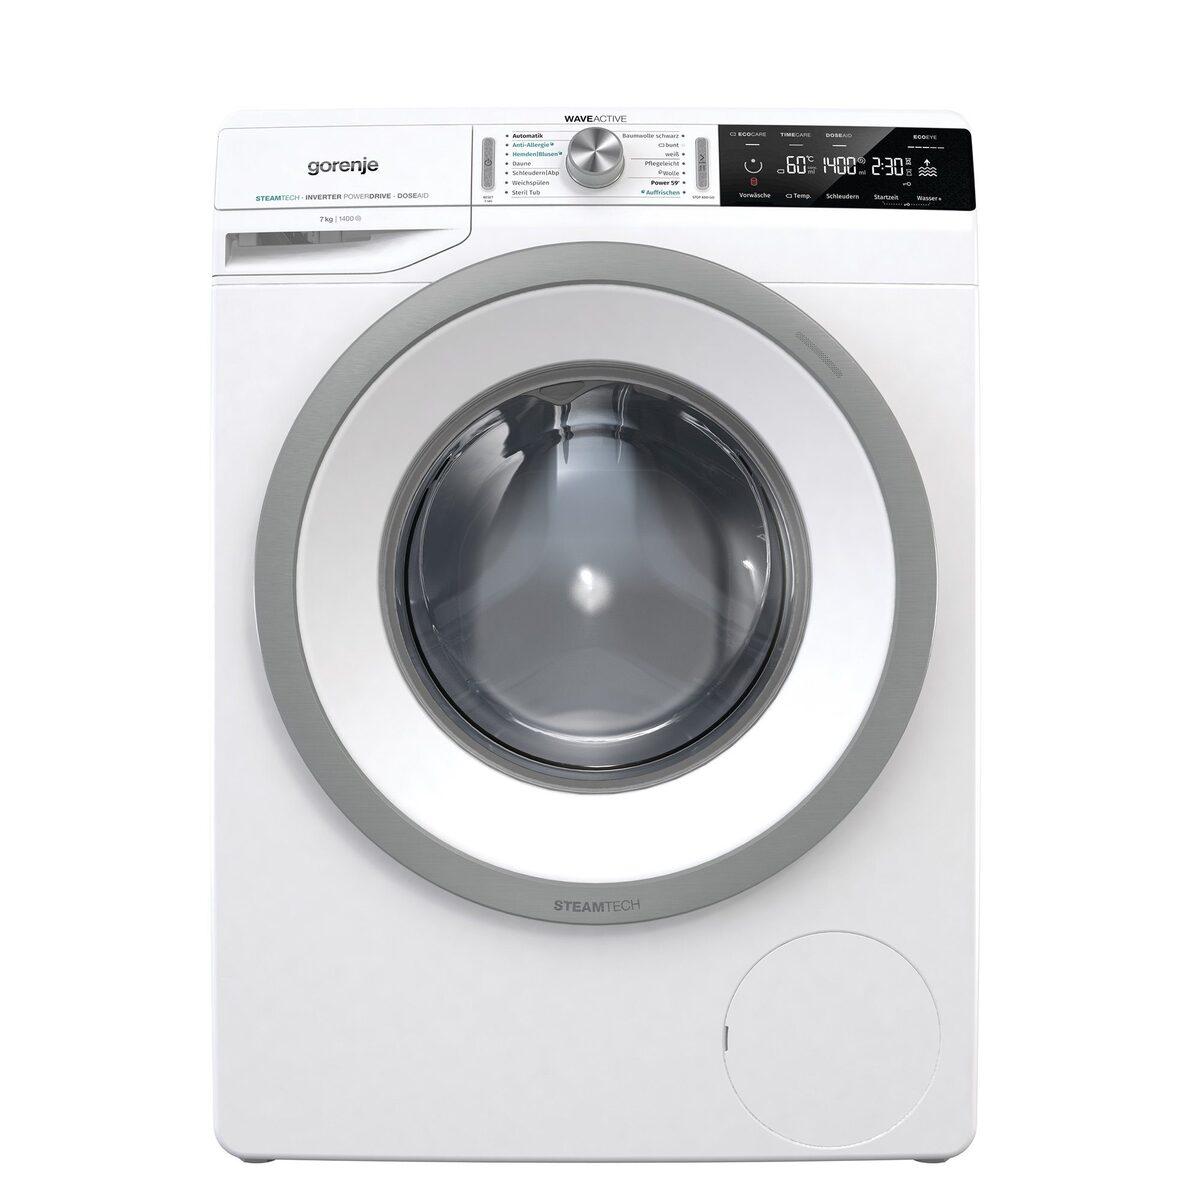 Bild 1 von GORENJE Waschmaschine WA74S3PS, 7 kg, 1400 U/Min, LED Display WaveActive Trommel Inverter PowerDrive Motor